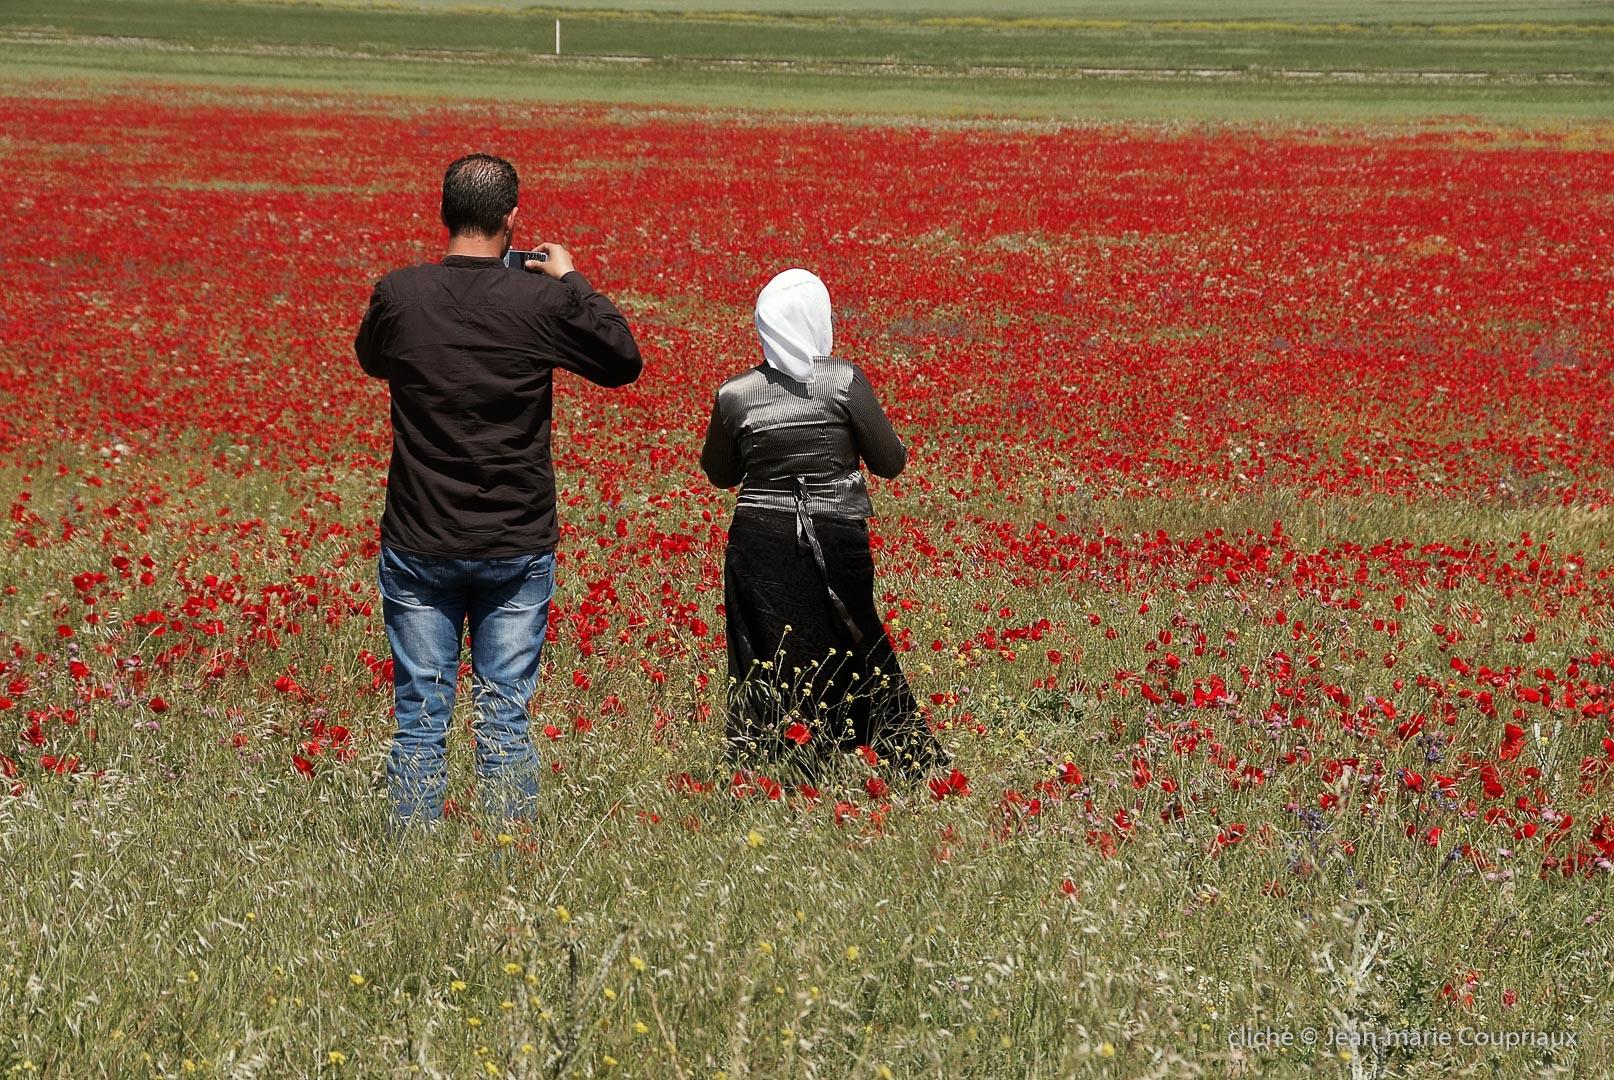 802-2011_Algerie-1153